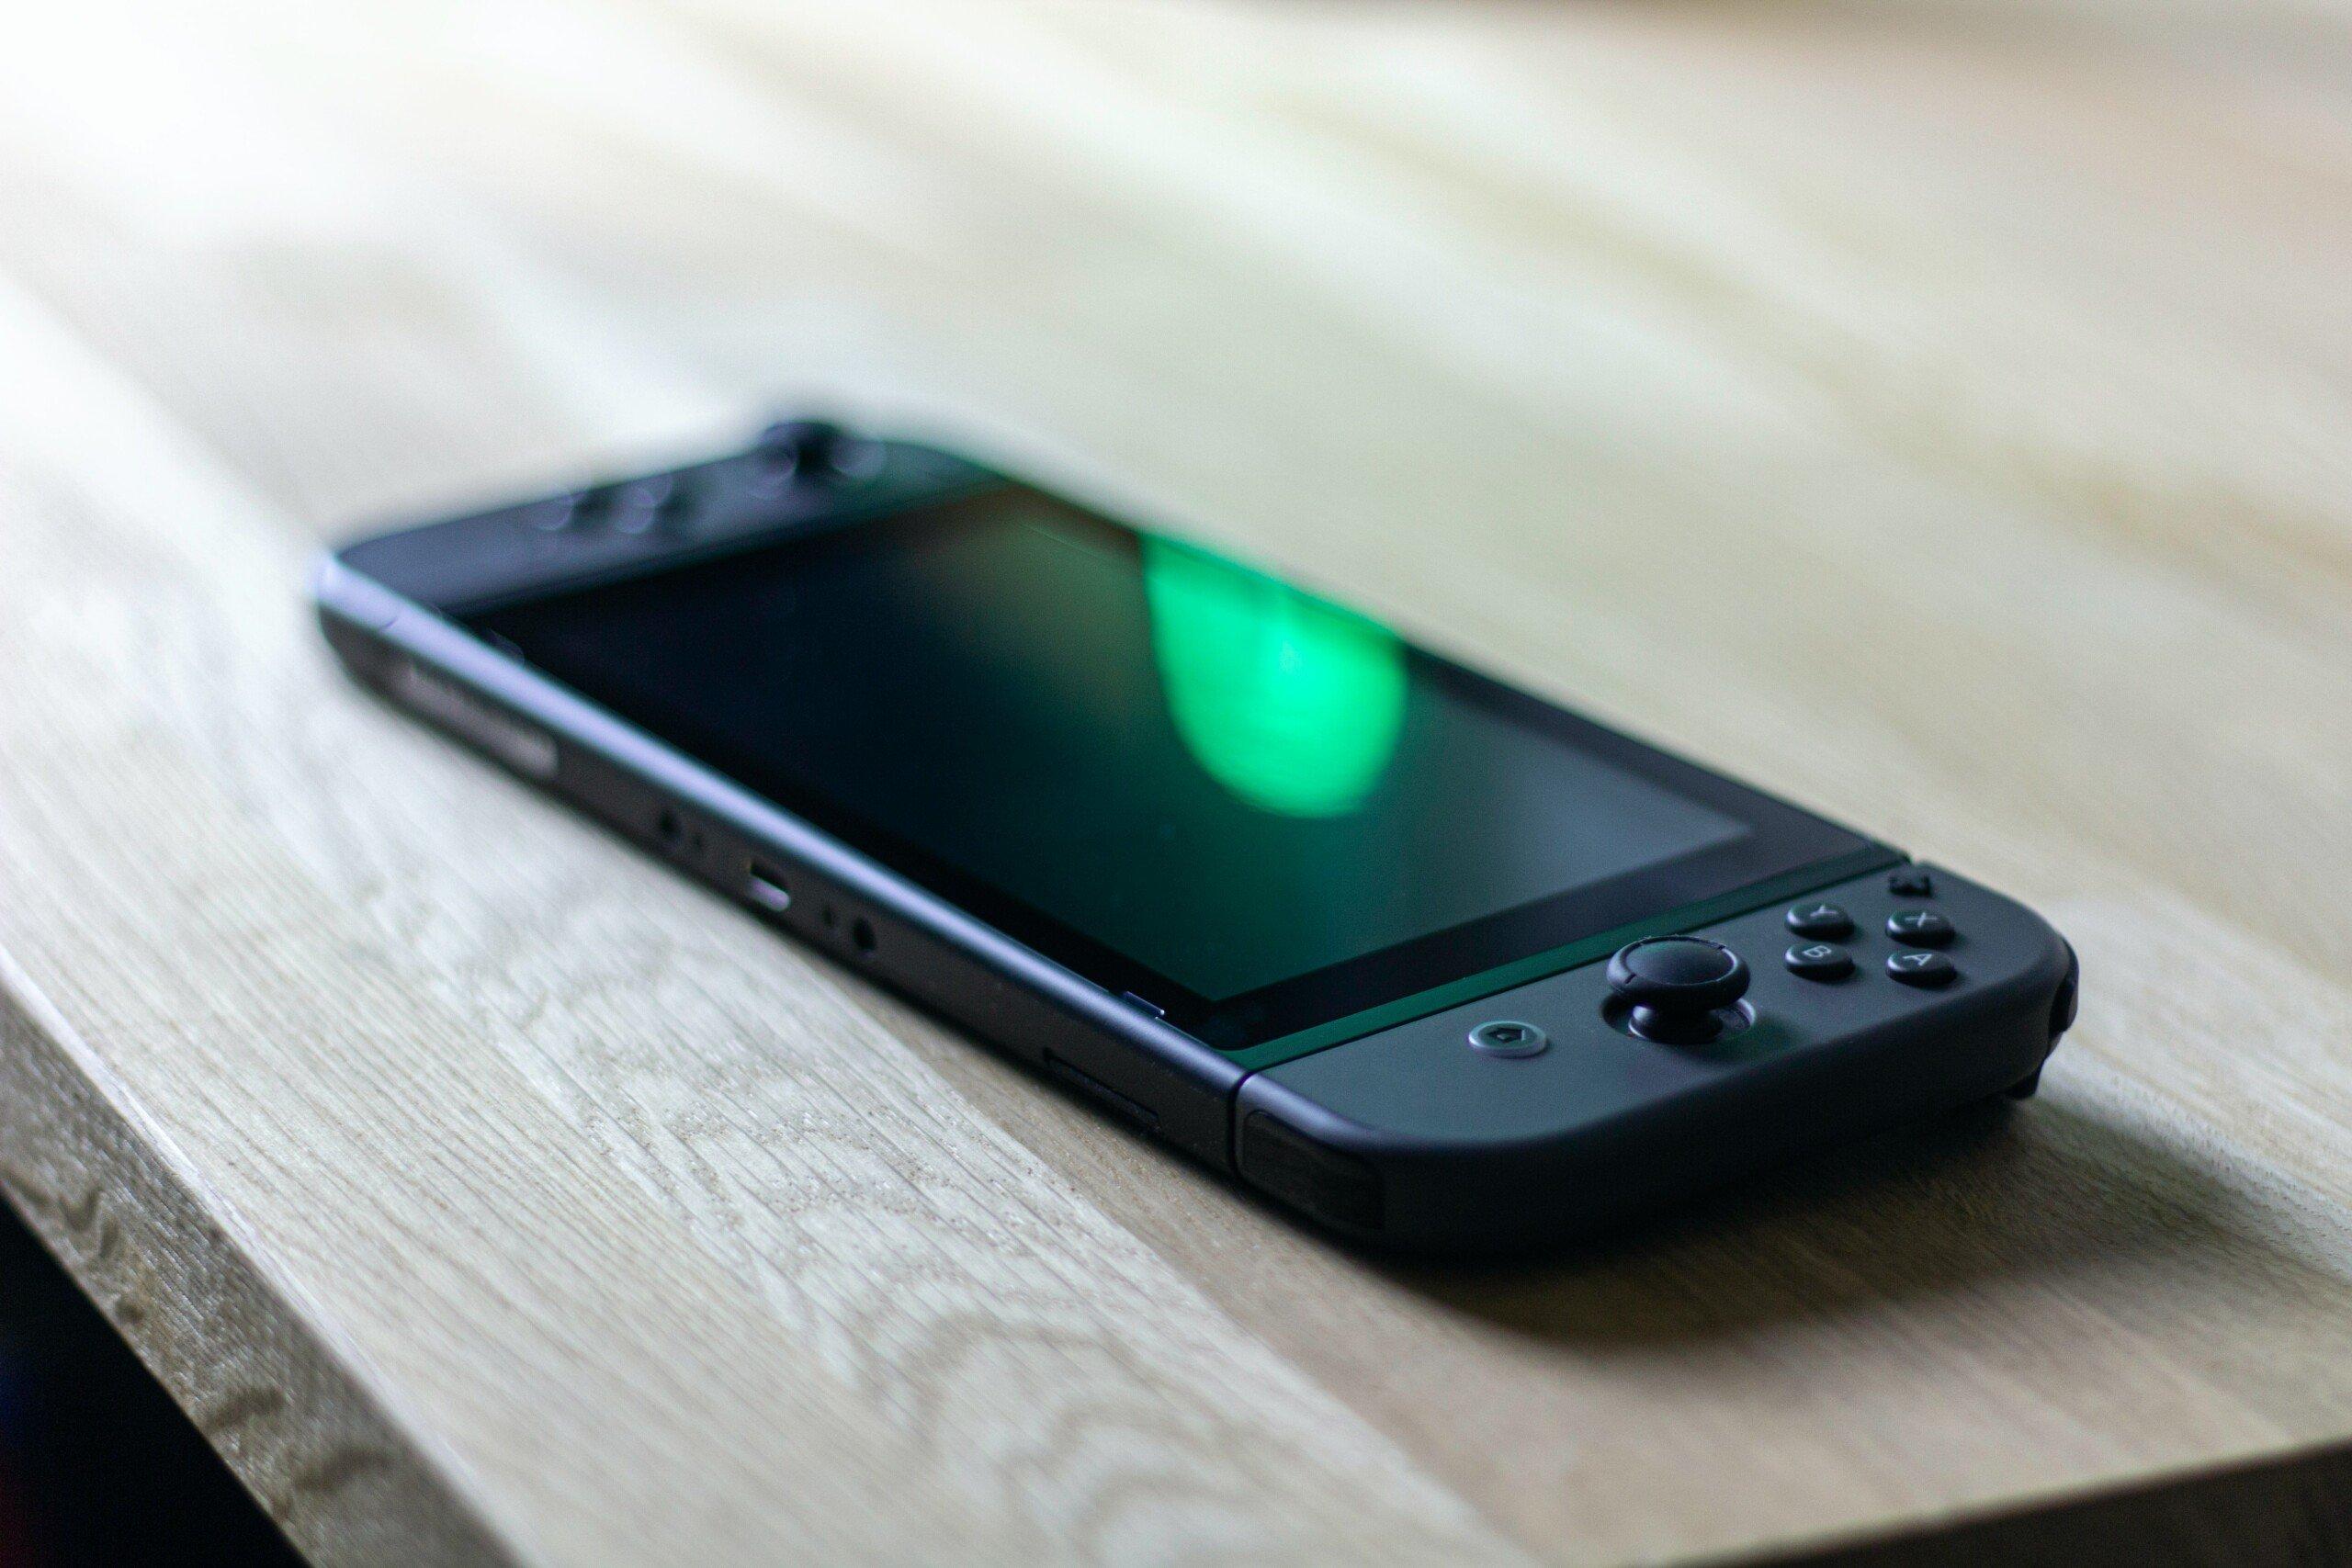 Le Tegra X1+ est trop vieux, Nvidia mettrait la pression sur Nintendo pour faire évoluer sa Switch